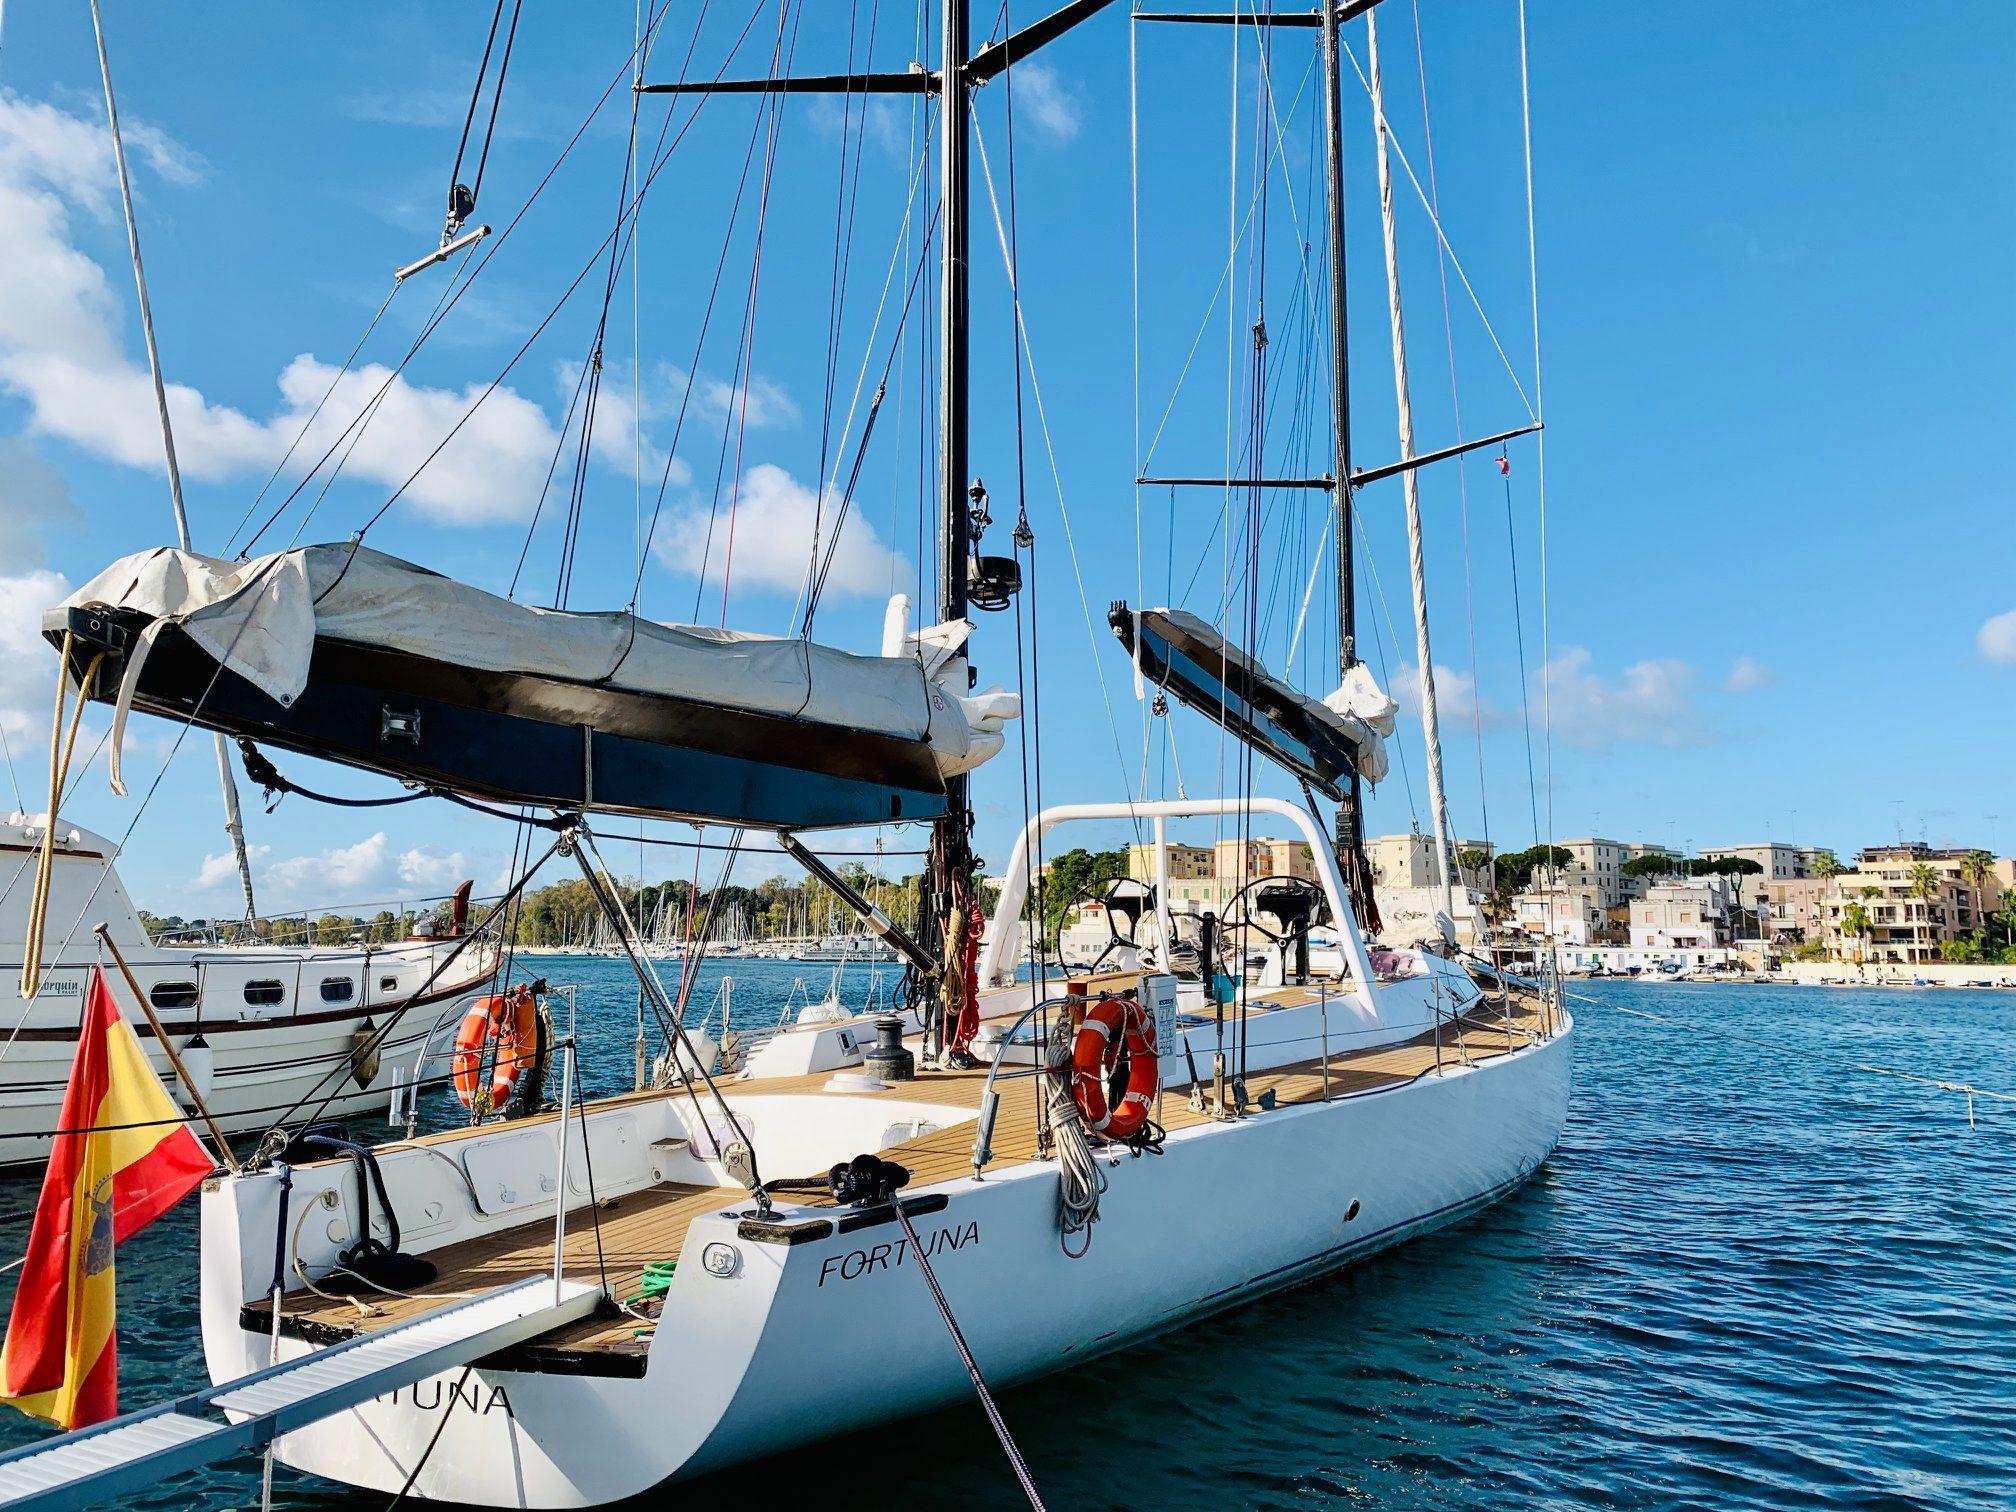 Sea working, il lavoro agile al sud si fa in barca. Il bando - Startupitalia